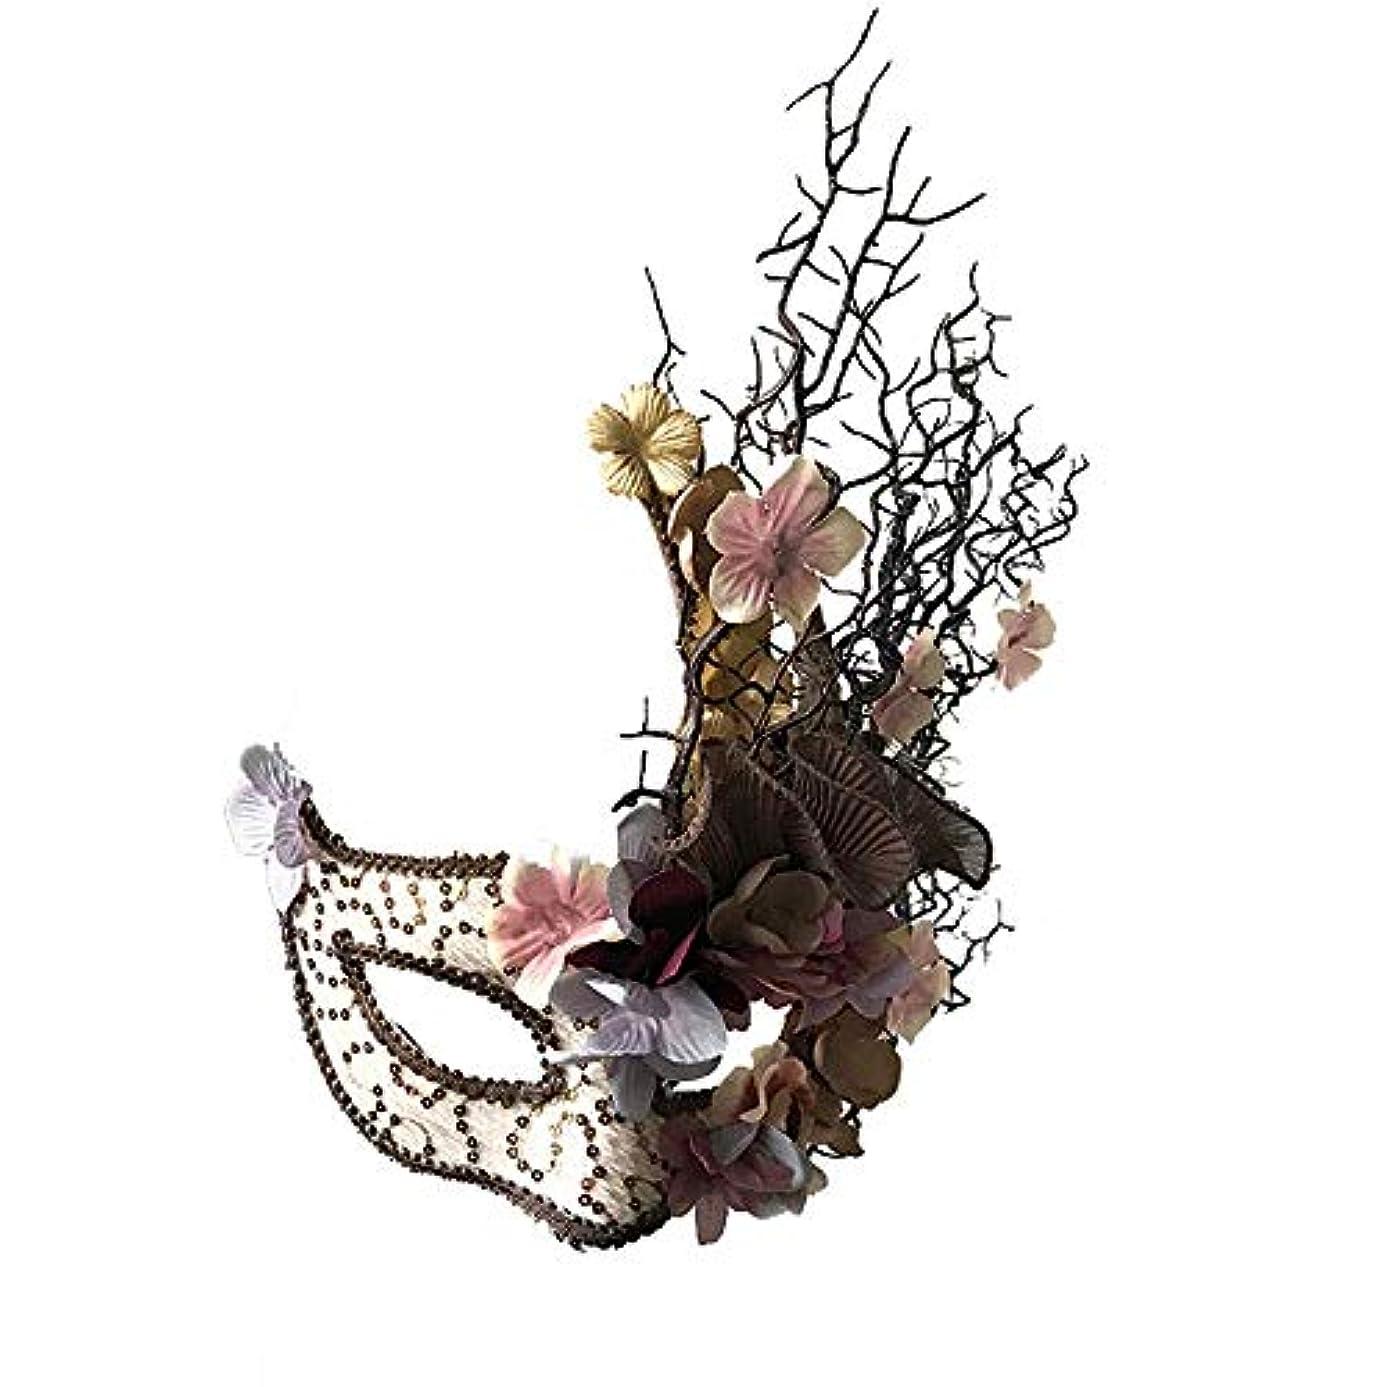 下向き急勾配の女将Nanle ハロウィンプラムツリーブランチマスク仮装手持ちのマスクレディミスプリンセス美容祭パーティーデコレーション (色 : Pink hand-held)